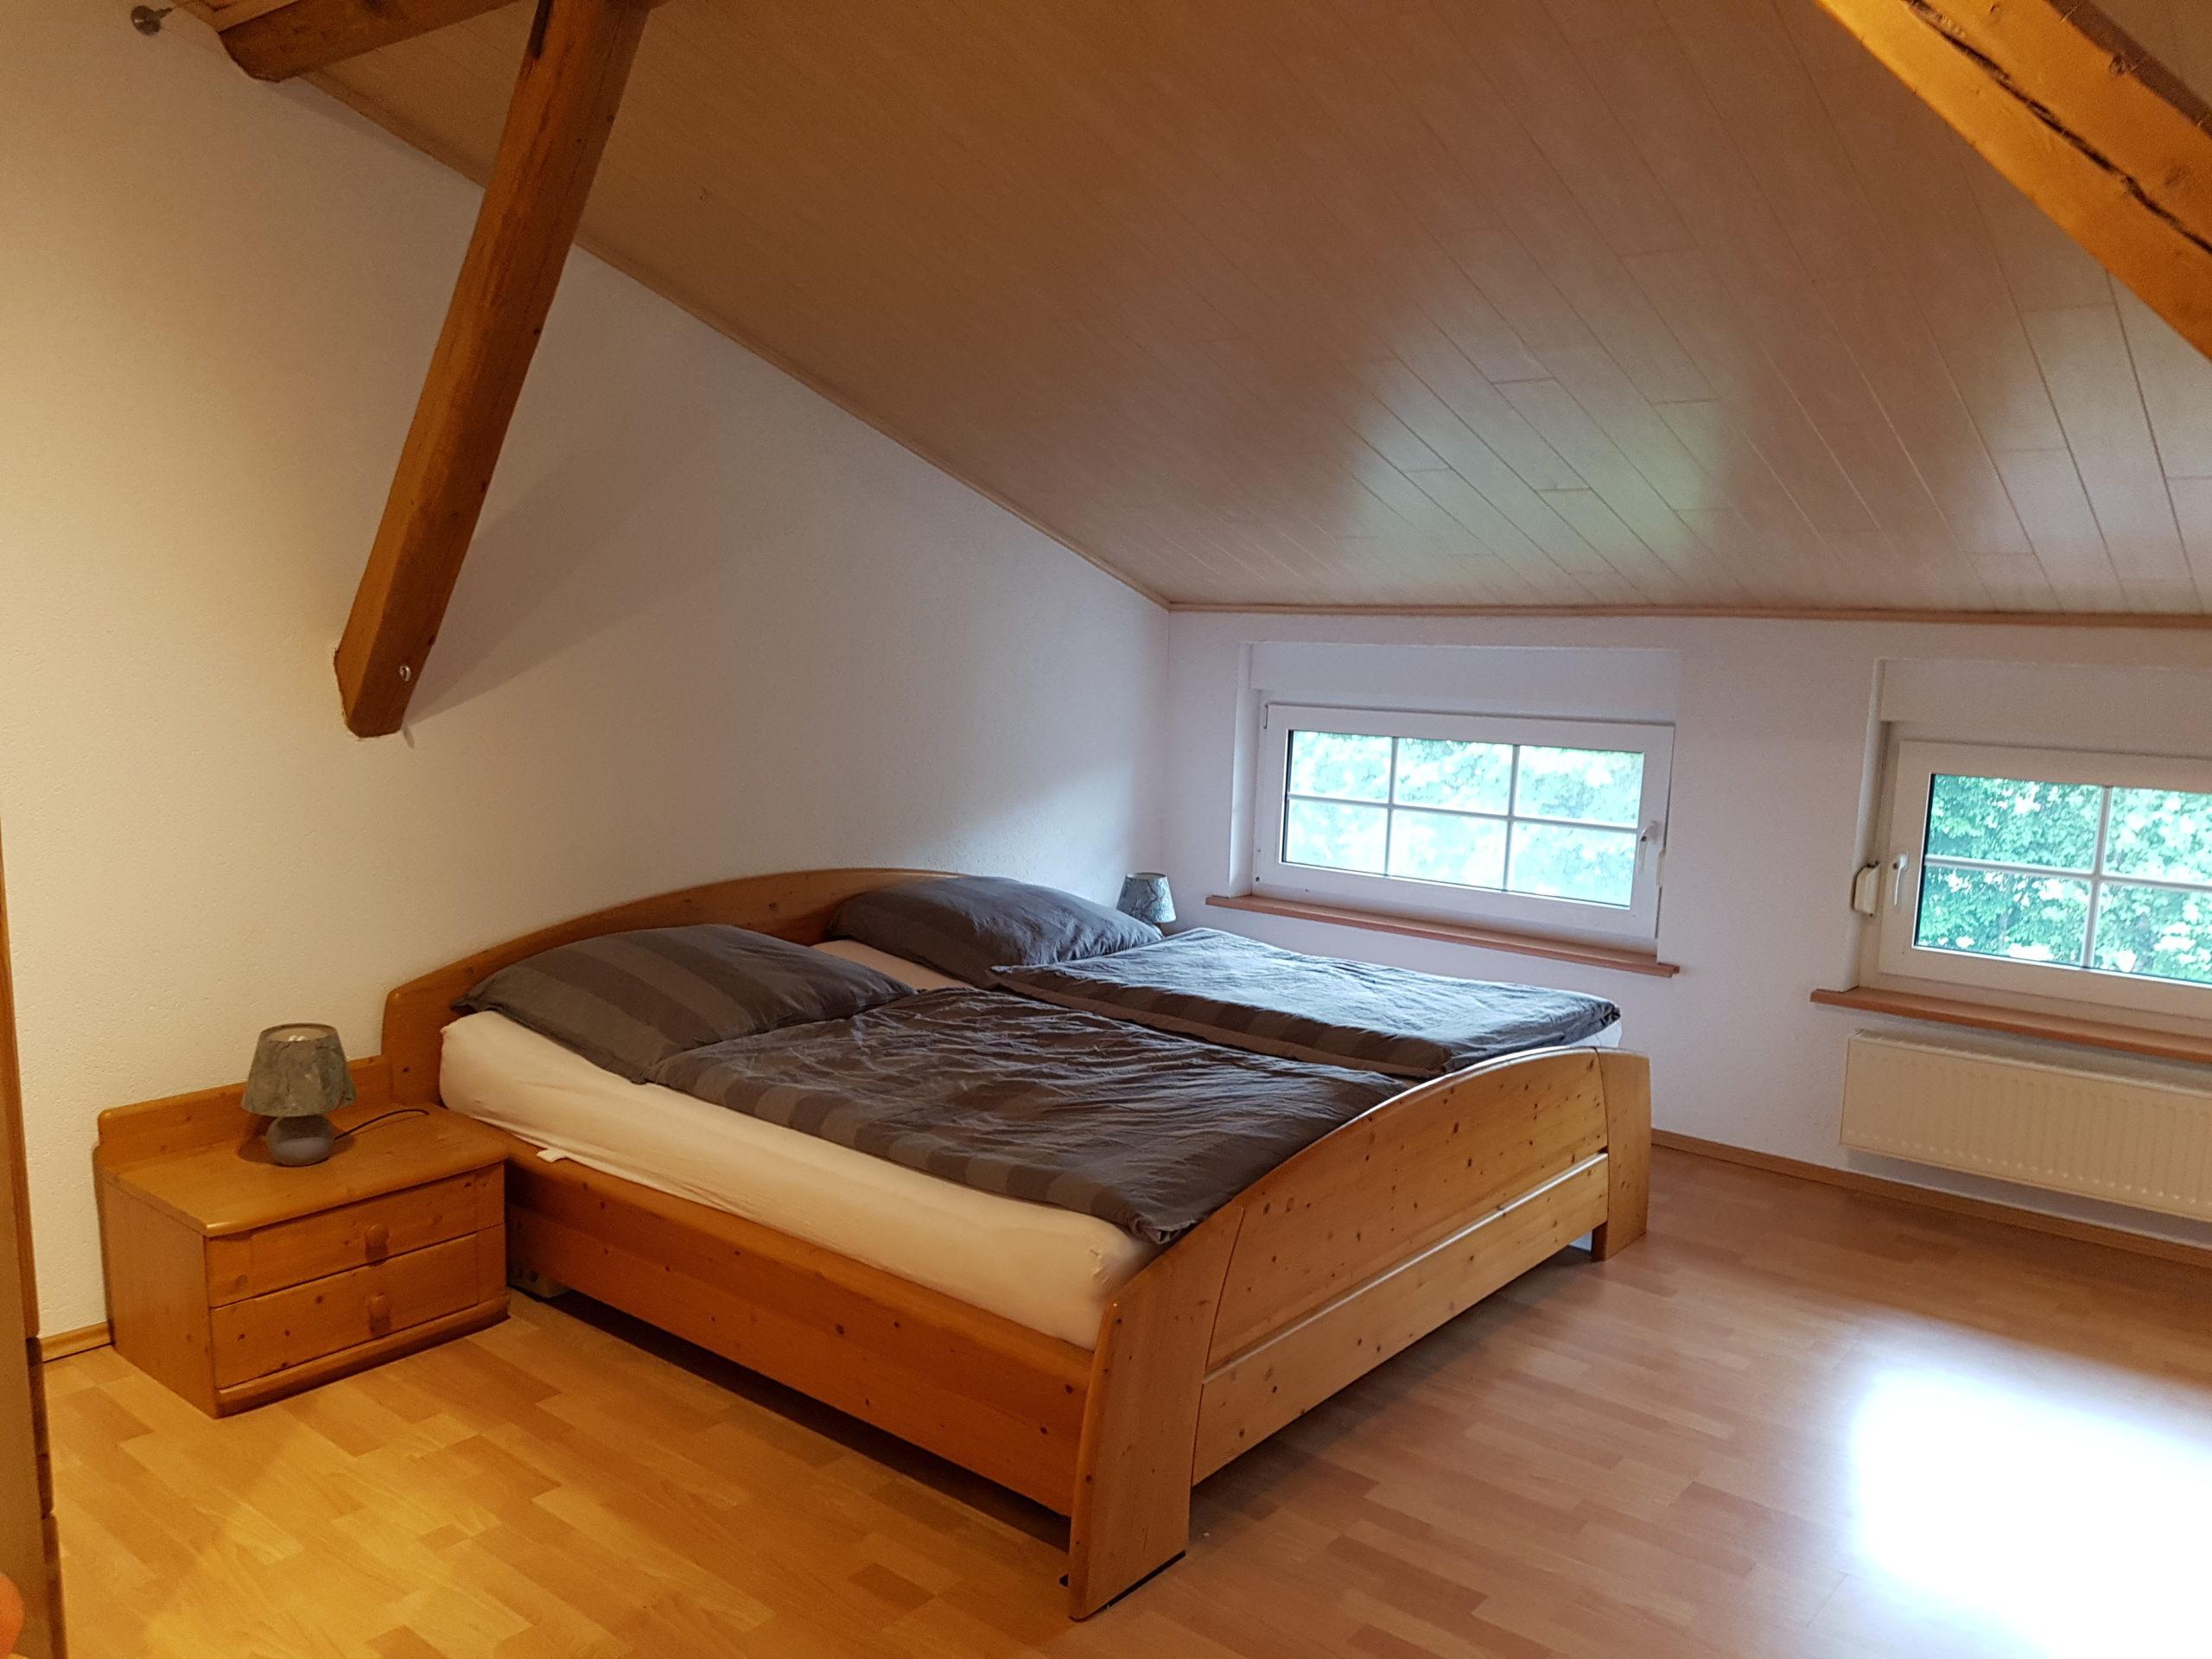 Schlafzimmer in der FeWo-Osterstedt